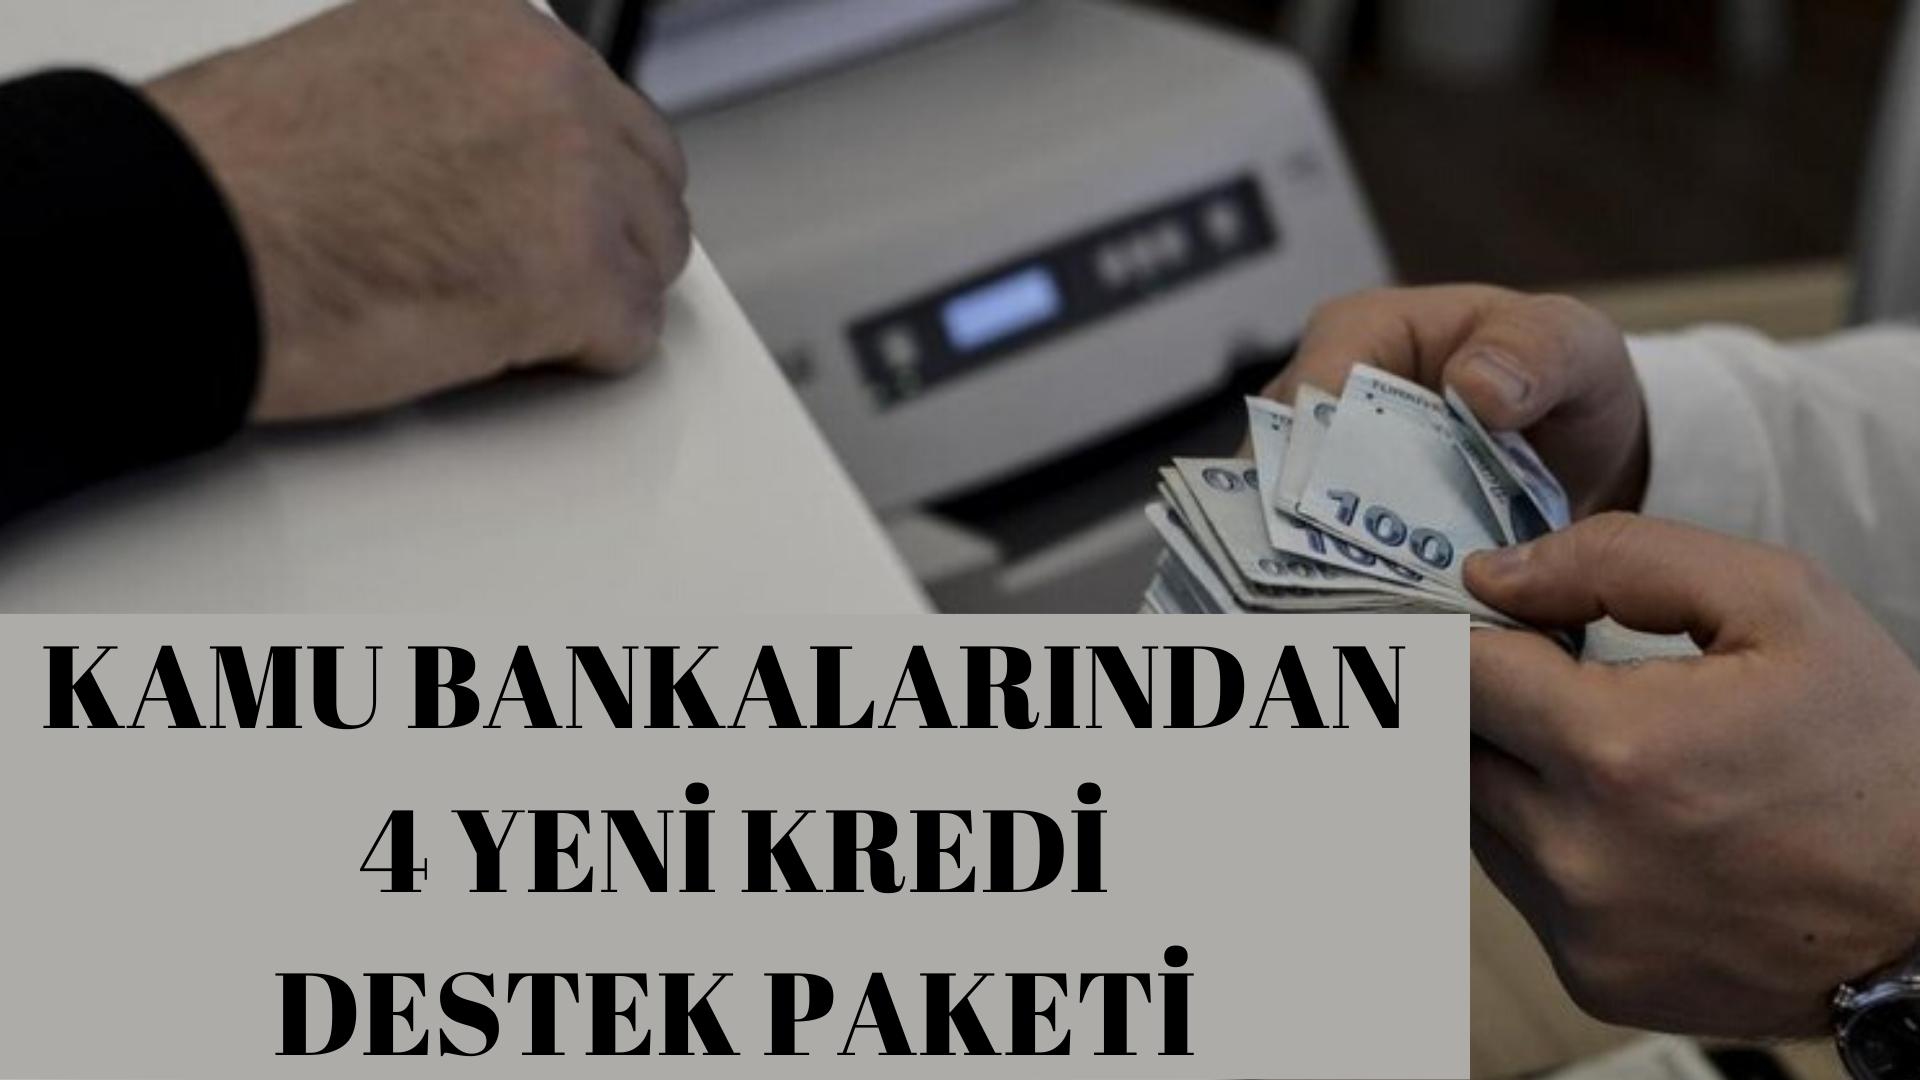 Kamu bankalarından 4 yeni kredi destek paketi